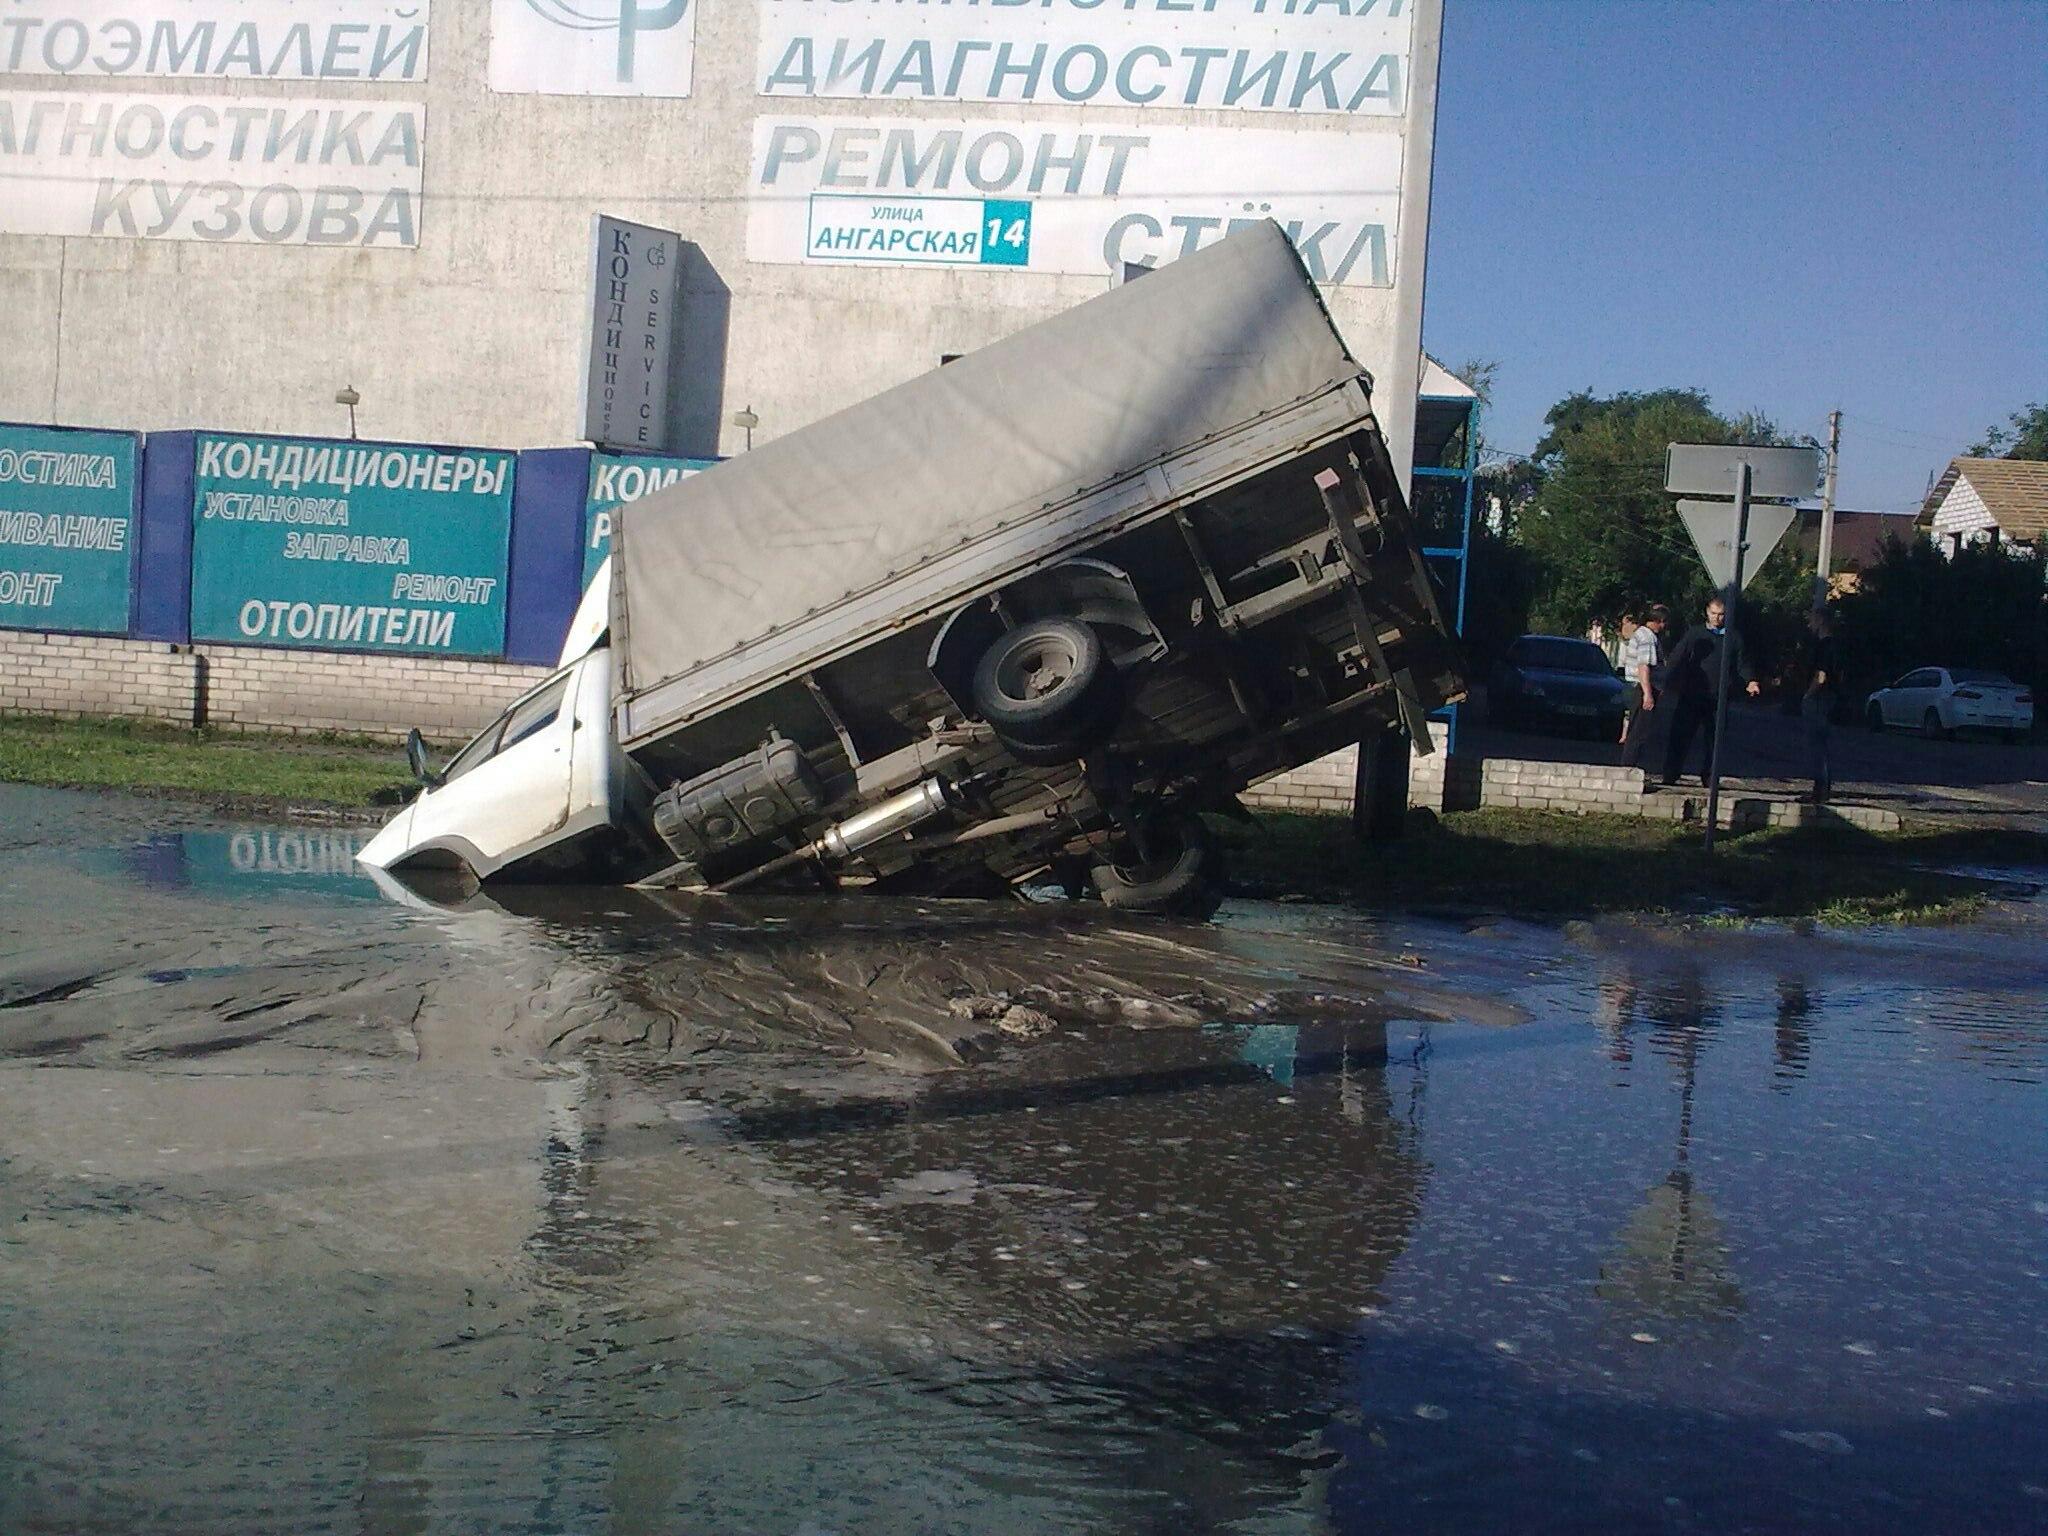 Необычное происшествие в Харькове (ФОТО, ВИДЕО)